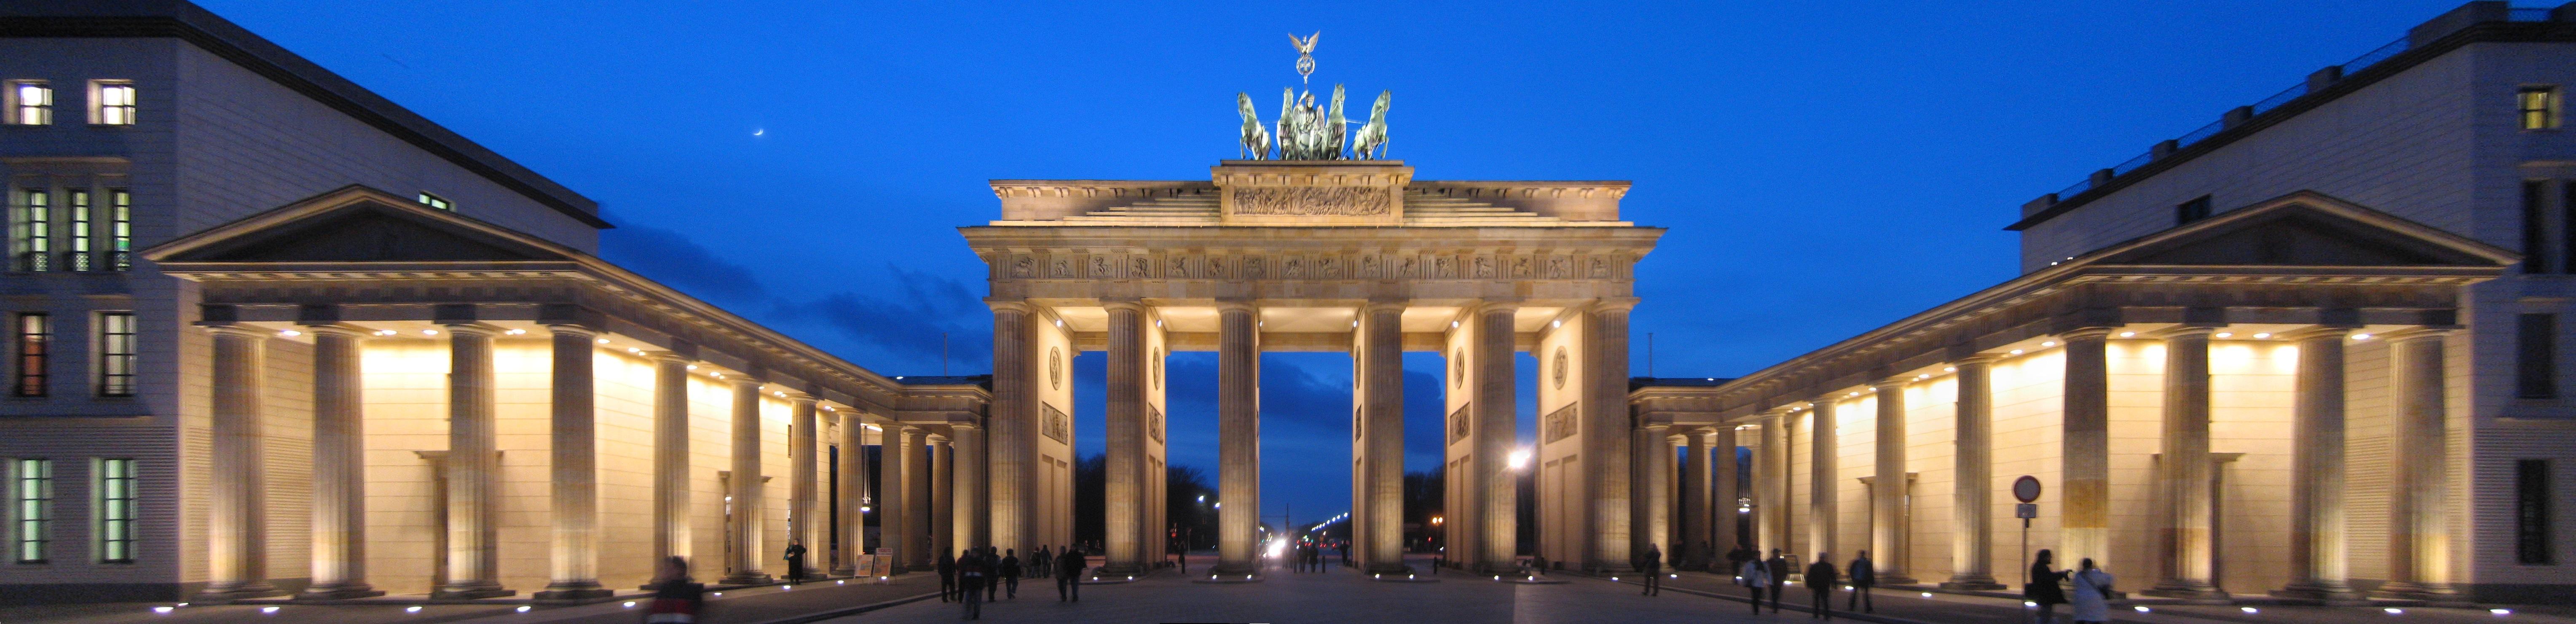 Brandenburg Gate Pictures The Brandenburg Gate at Night